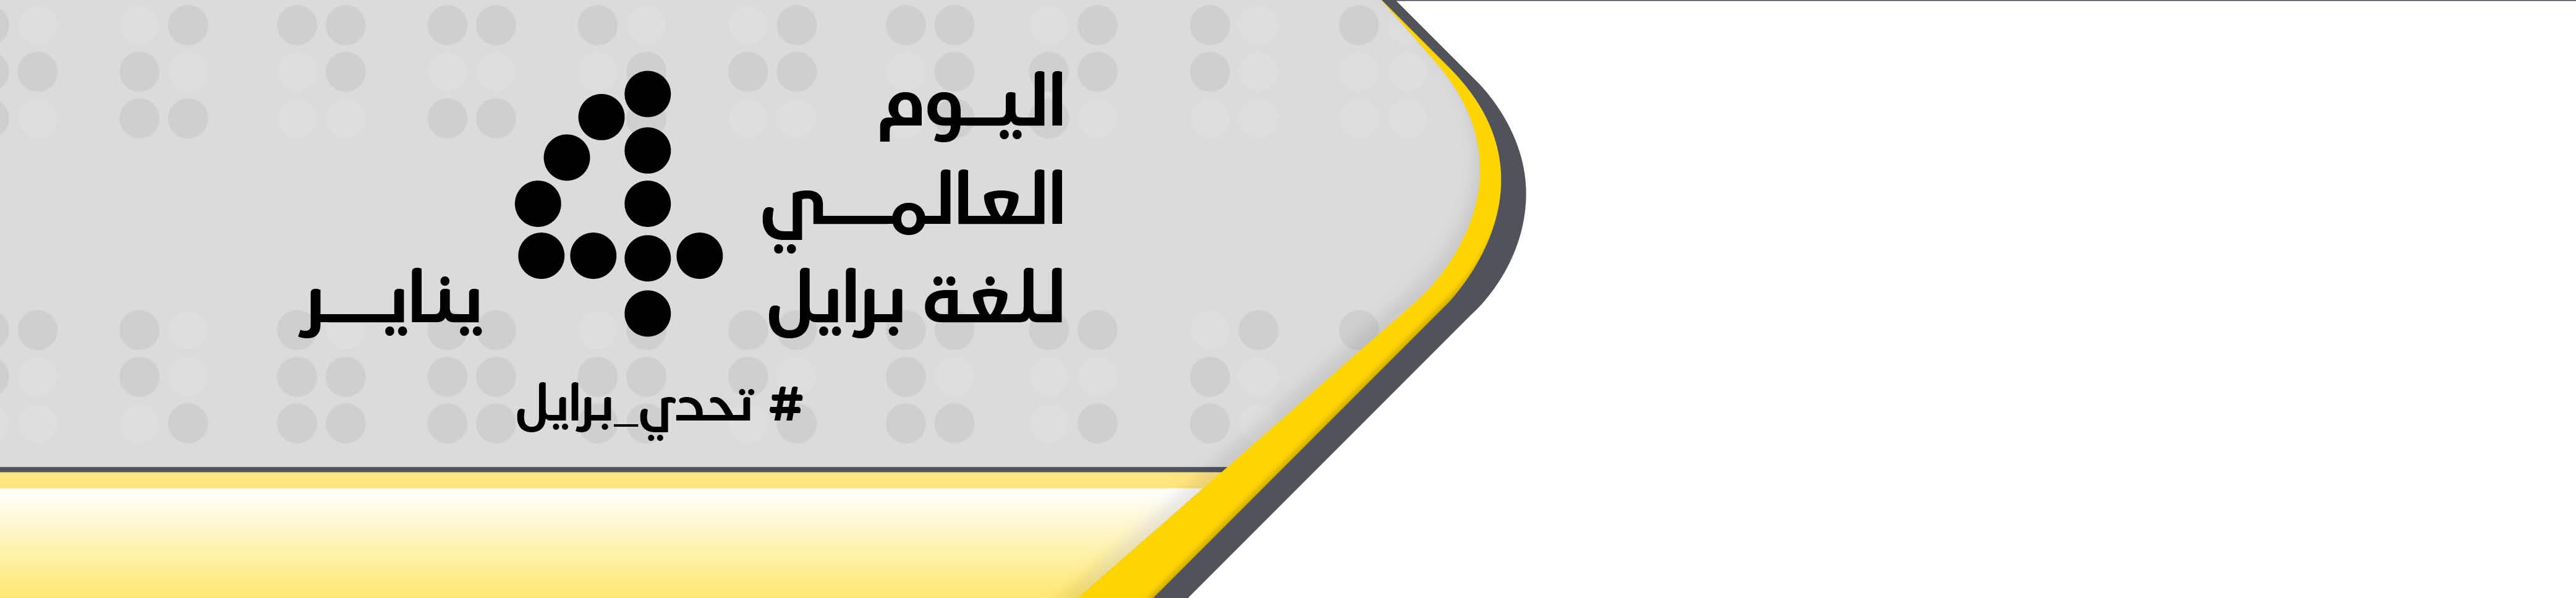 اليوم العالمي للغة برايل البنك السعودي للاستثمار